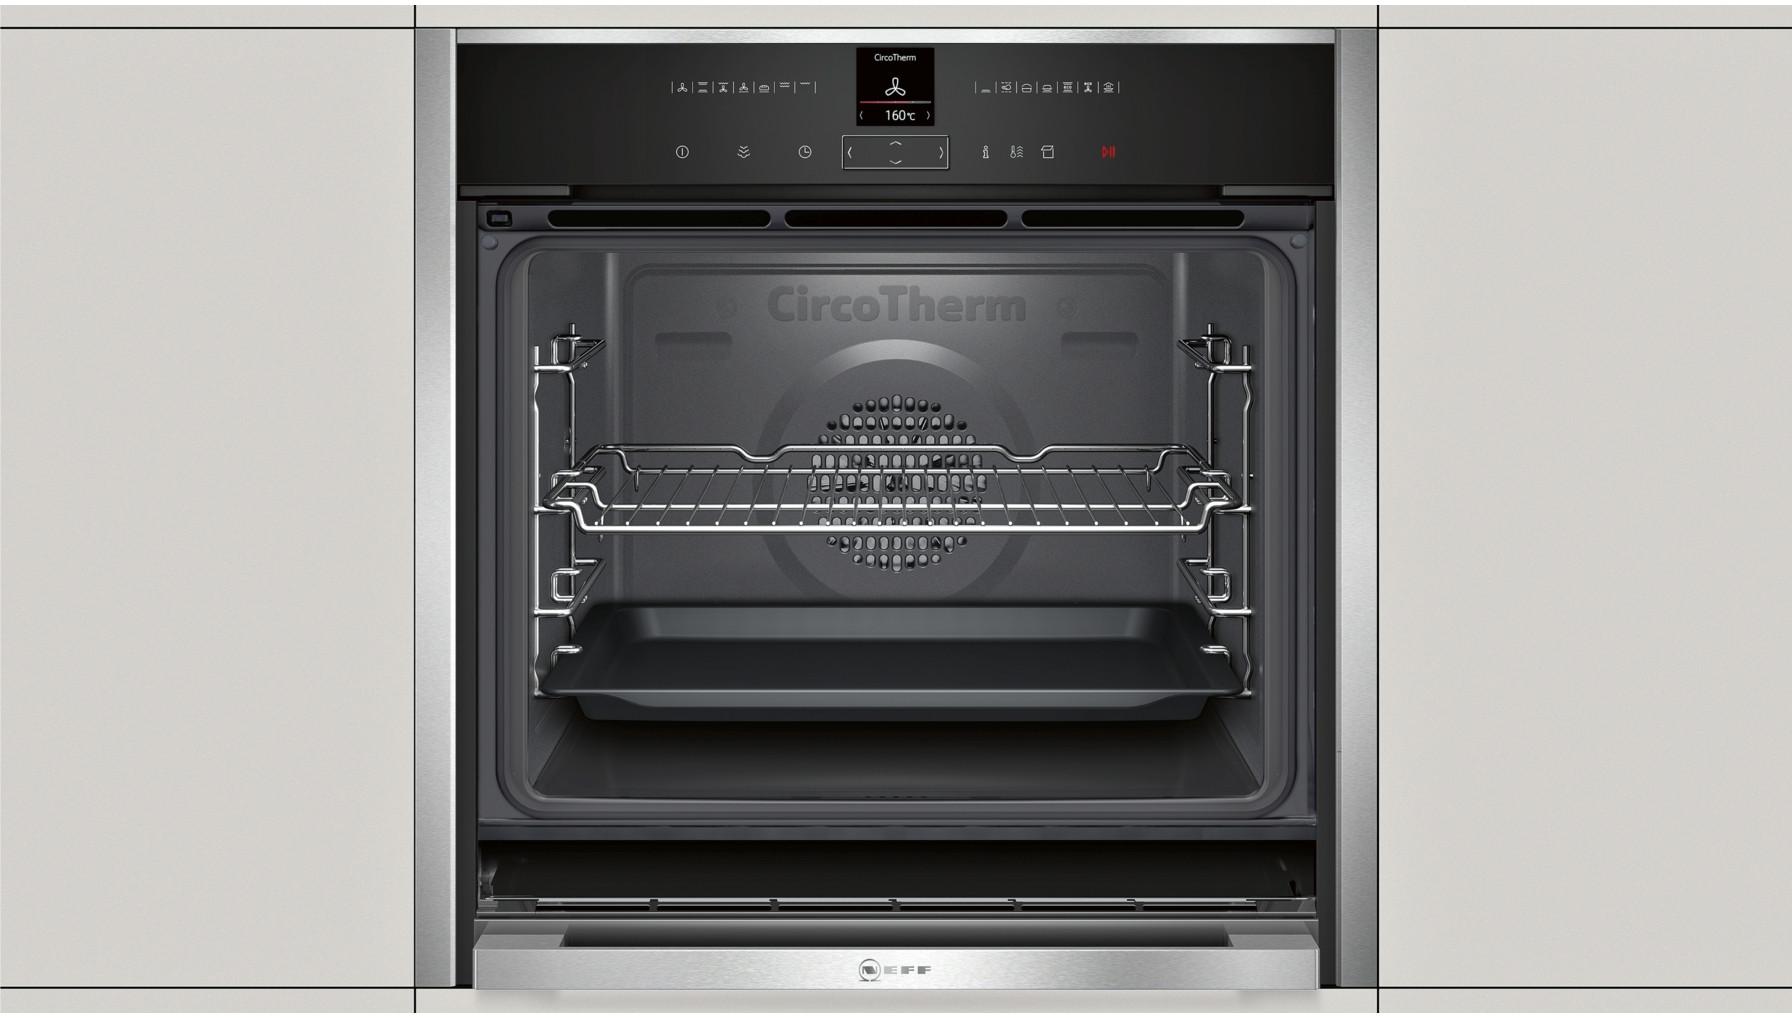 buy neff b47vr32n0b slide hide oven with variosteam b47vr32n0b. Black Bedroom Furniture Sets. Home Design Ideas